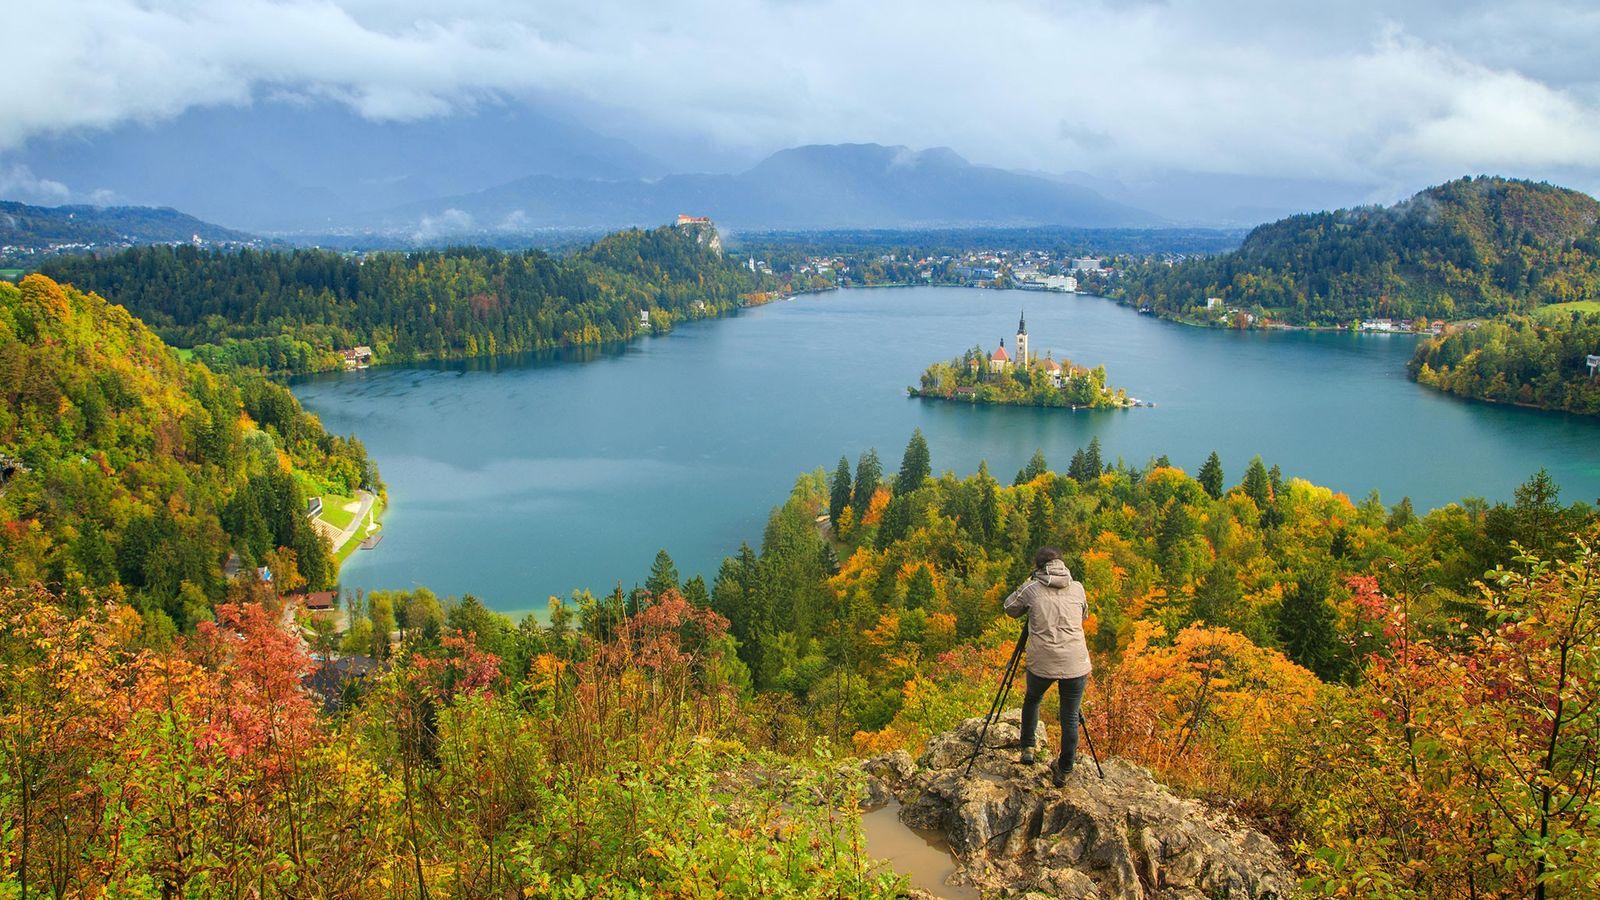 Ein Fotograf richtet sein Objektiv auf den Bleder See in den Julischen Alpen in Slowenien aus.